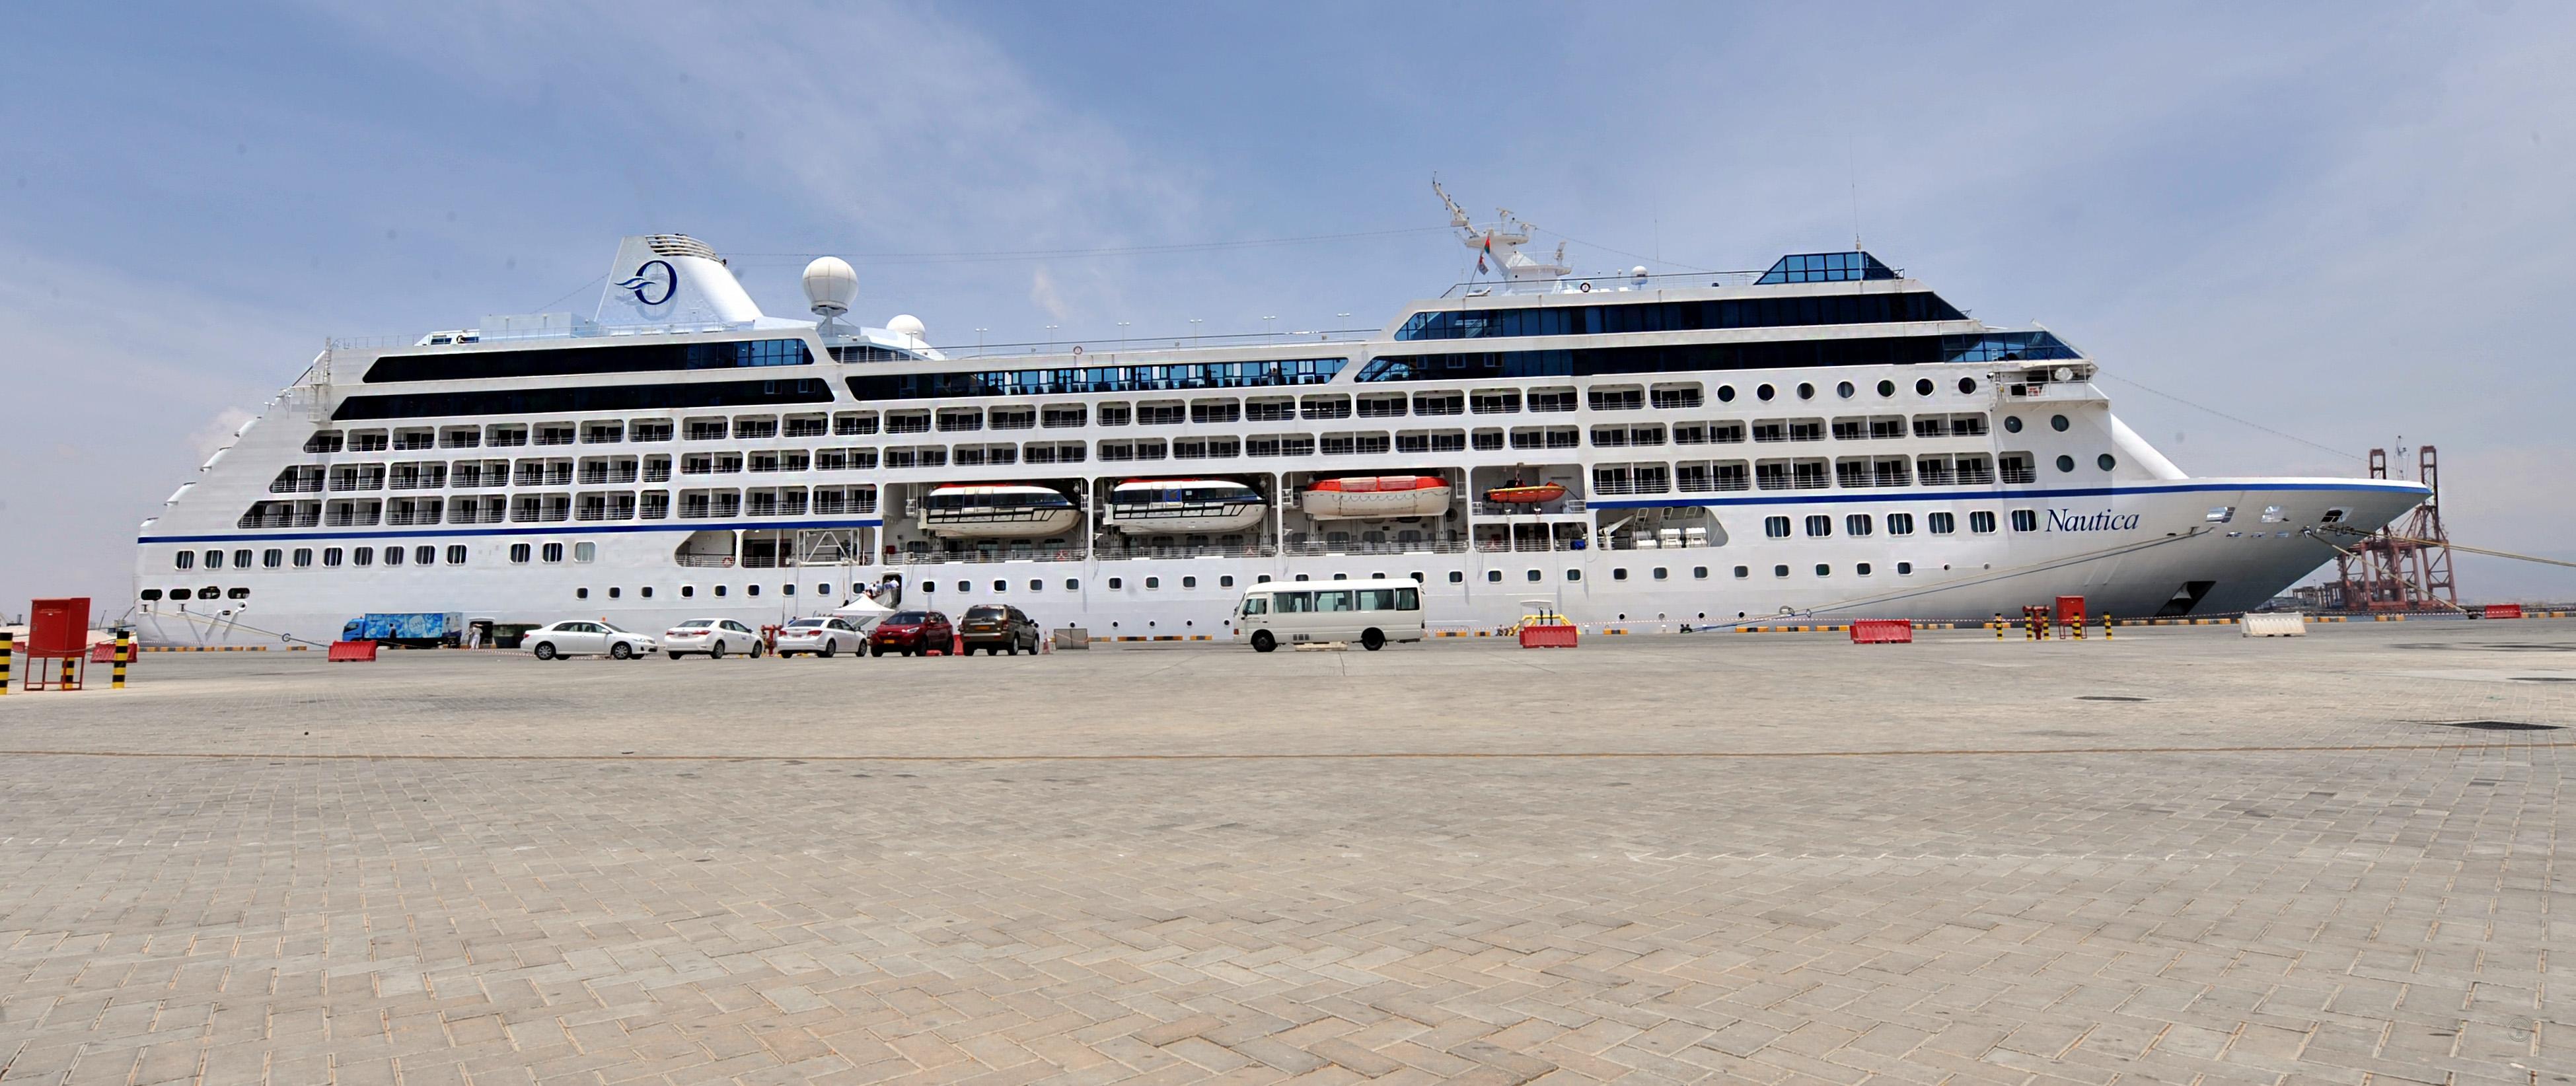 السفينة  السياحية نوتيكا تزور السلطنة